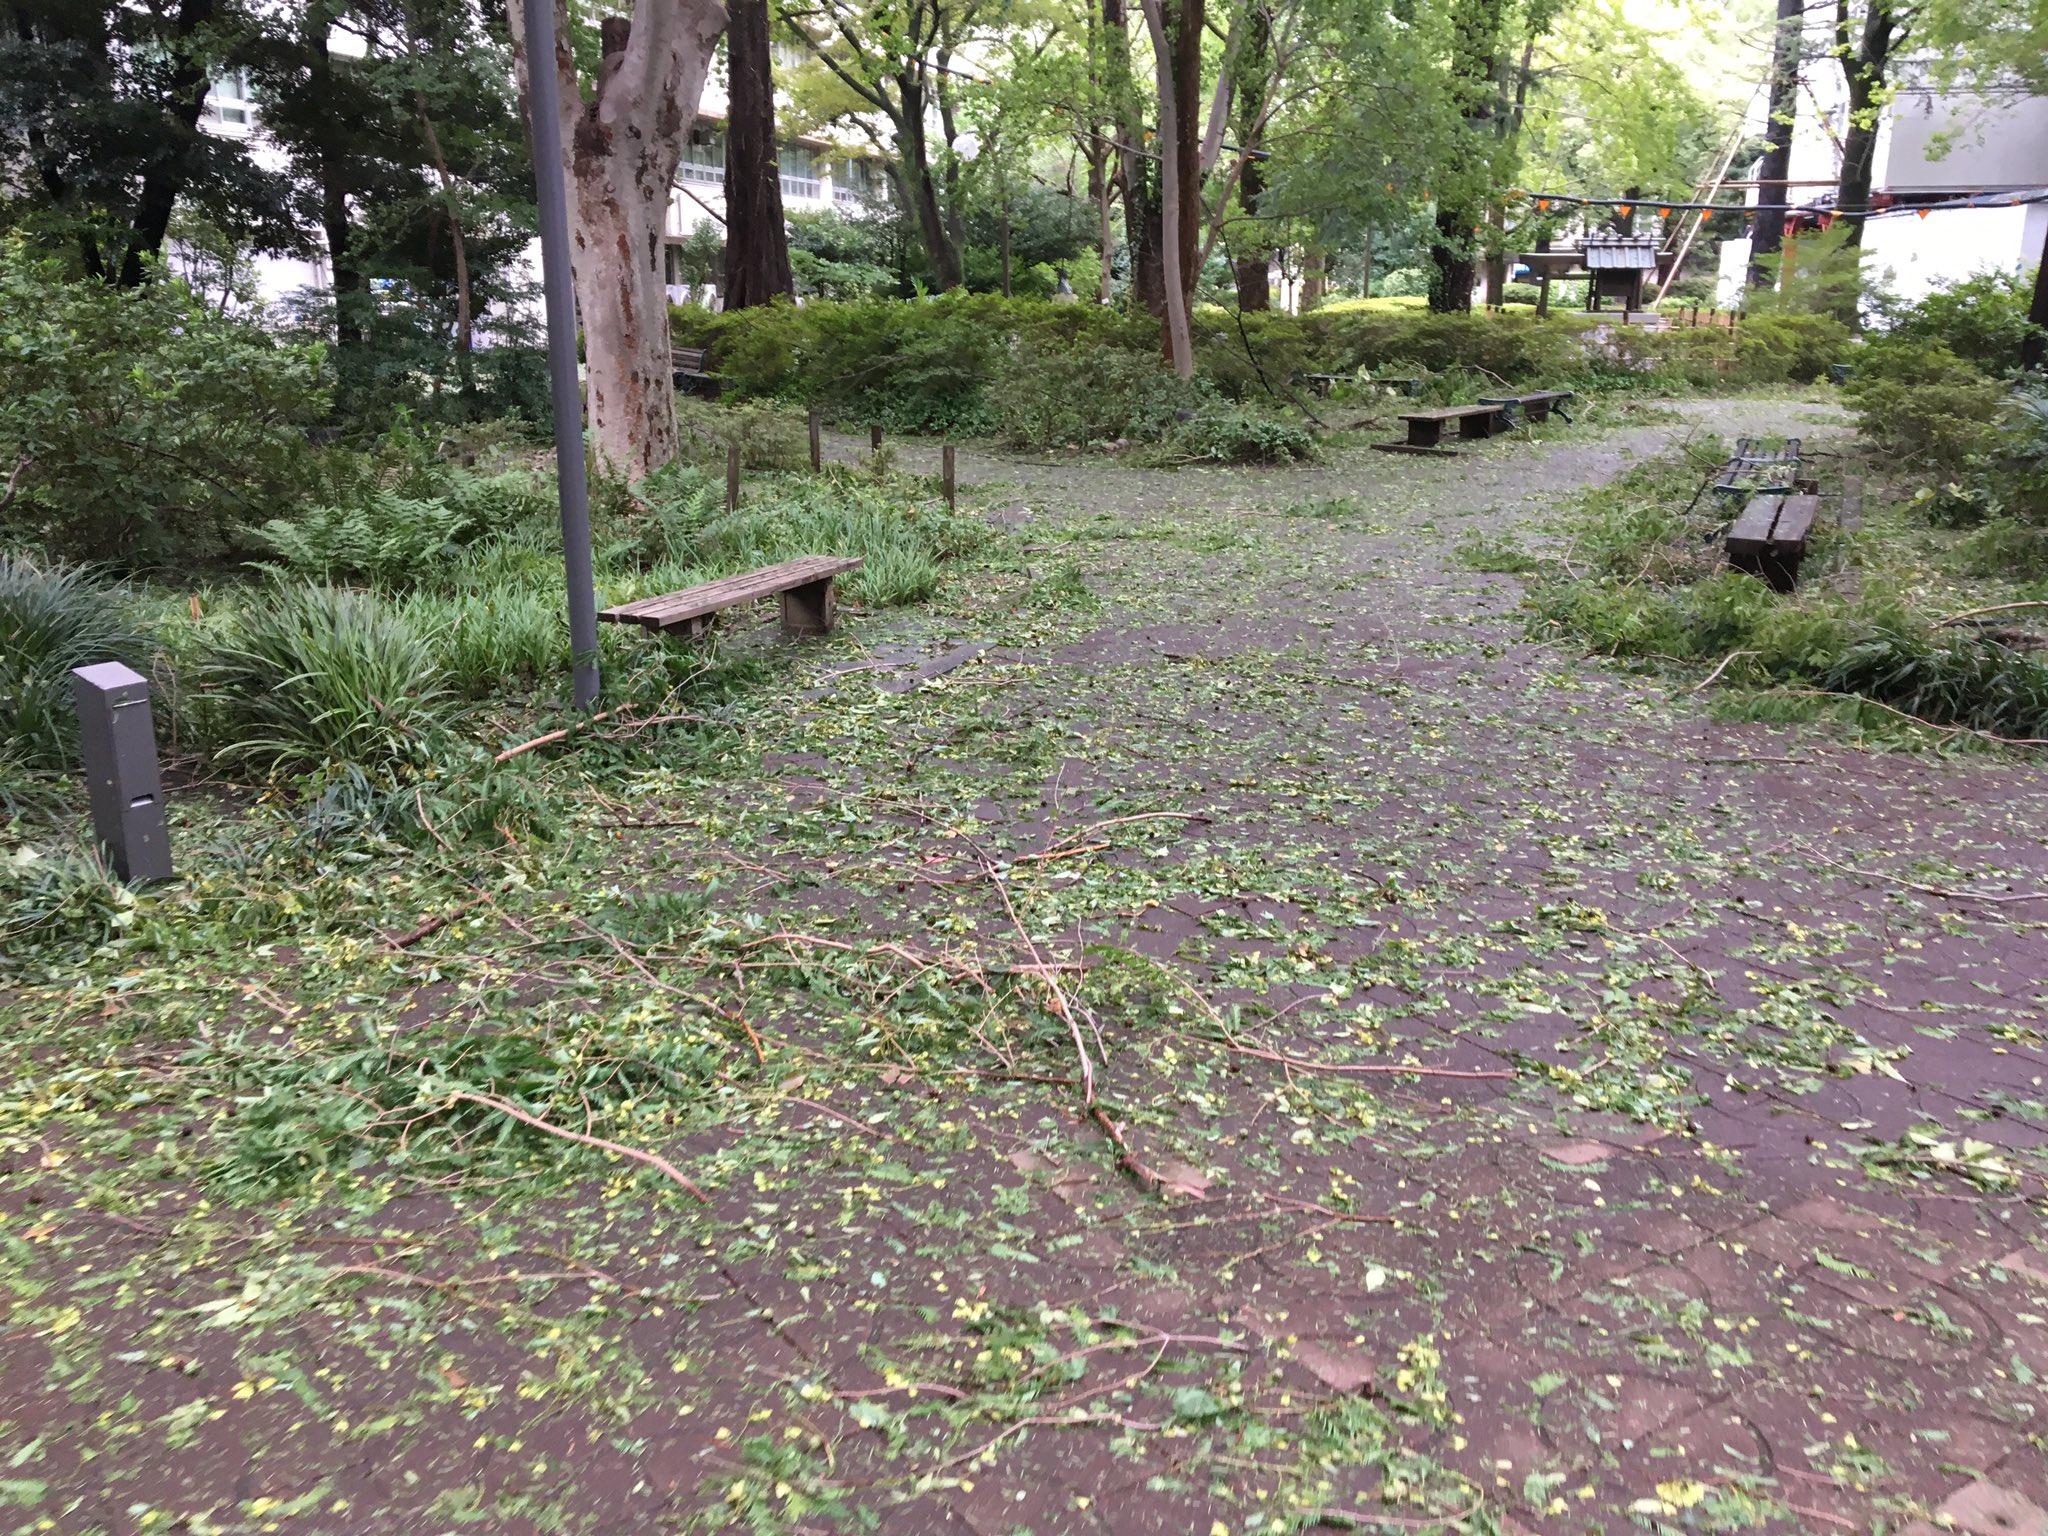 画像,台風ですね〜朝から学校も大荒れでした…学内で倒木は草もうすこし地盤固めてほしい。清掃員の人は大変だろうな〜💦小学生は「葉っぱの道だ〜」って騒ぎながら楽しそうに登…